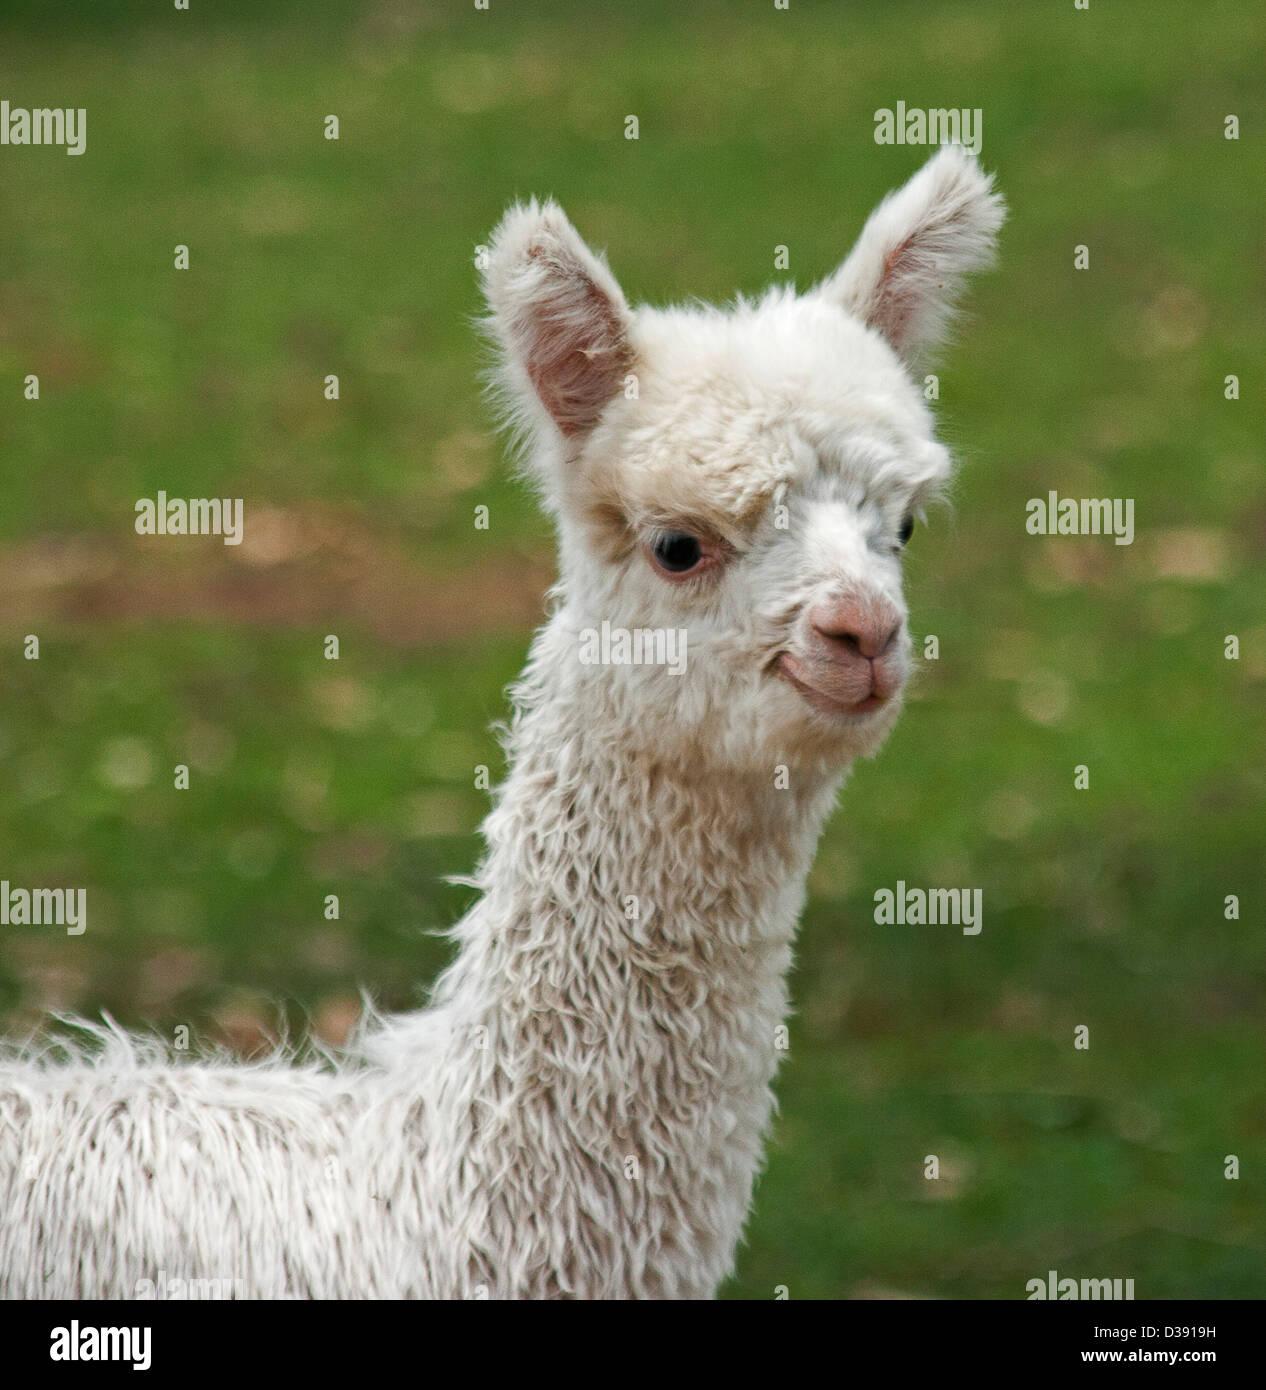 In prossimità della testa e del viso di giovani - alpaca cria - contro un sfondo verde scuro Immagini Stock